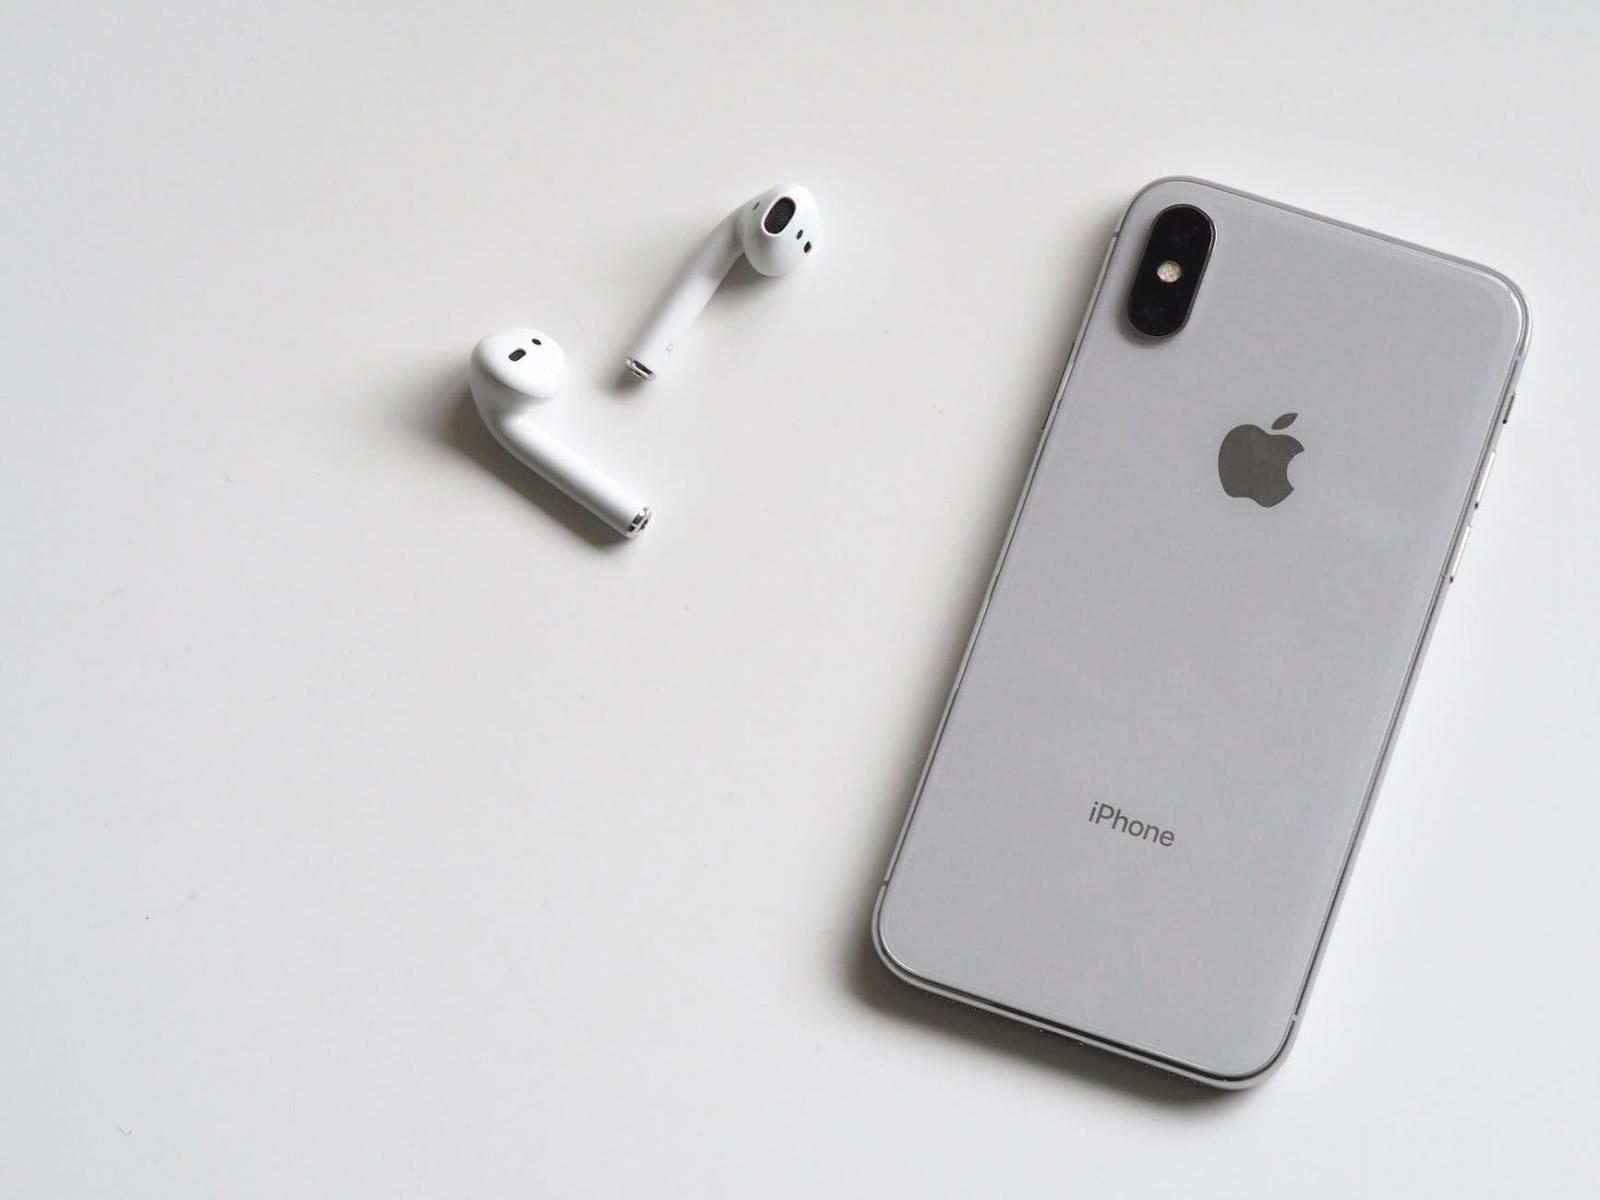 【快訊】新iPhone電池大升級?新系列電池容量曝光